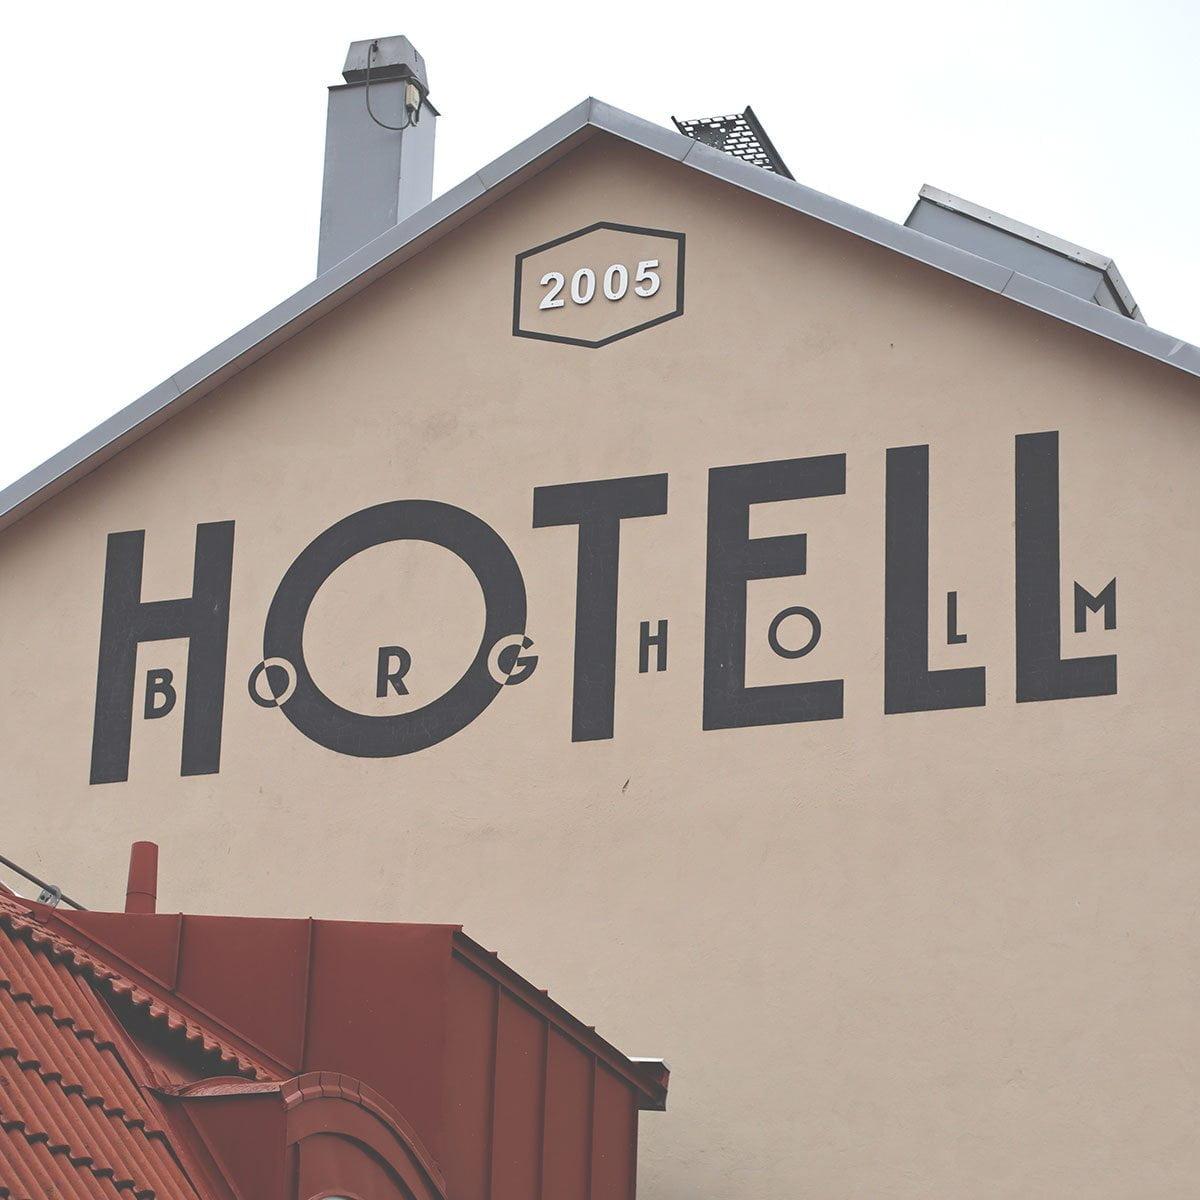 hotell borgholm nyår